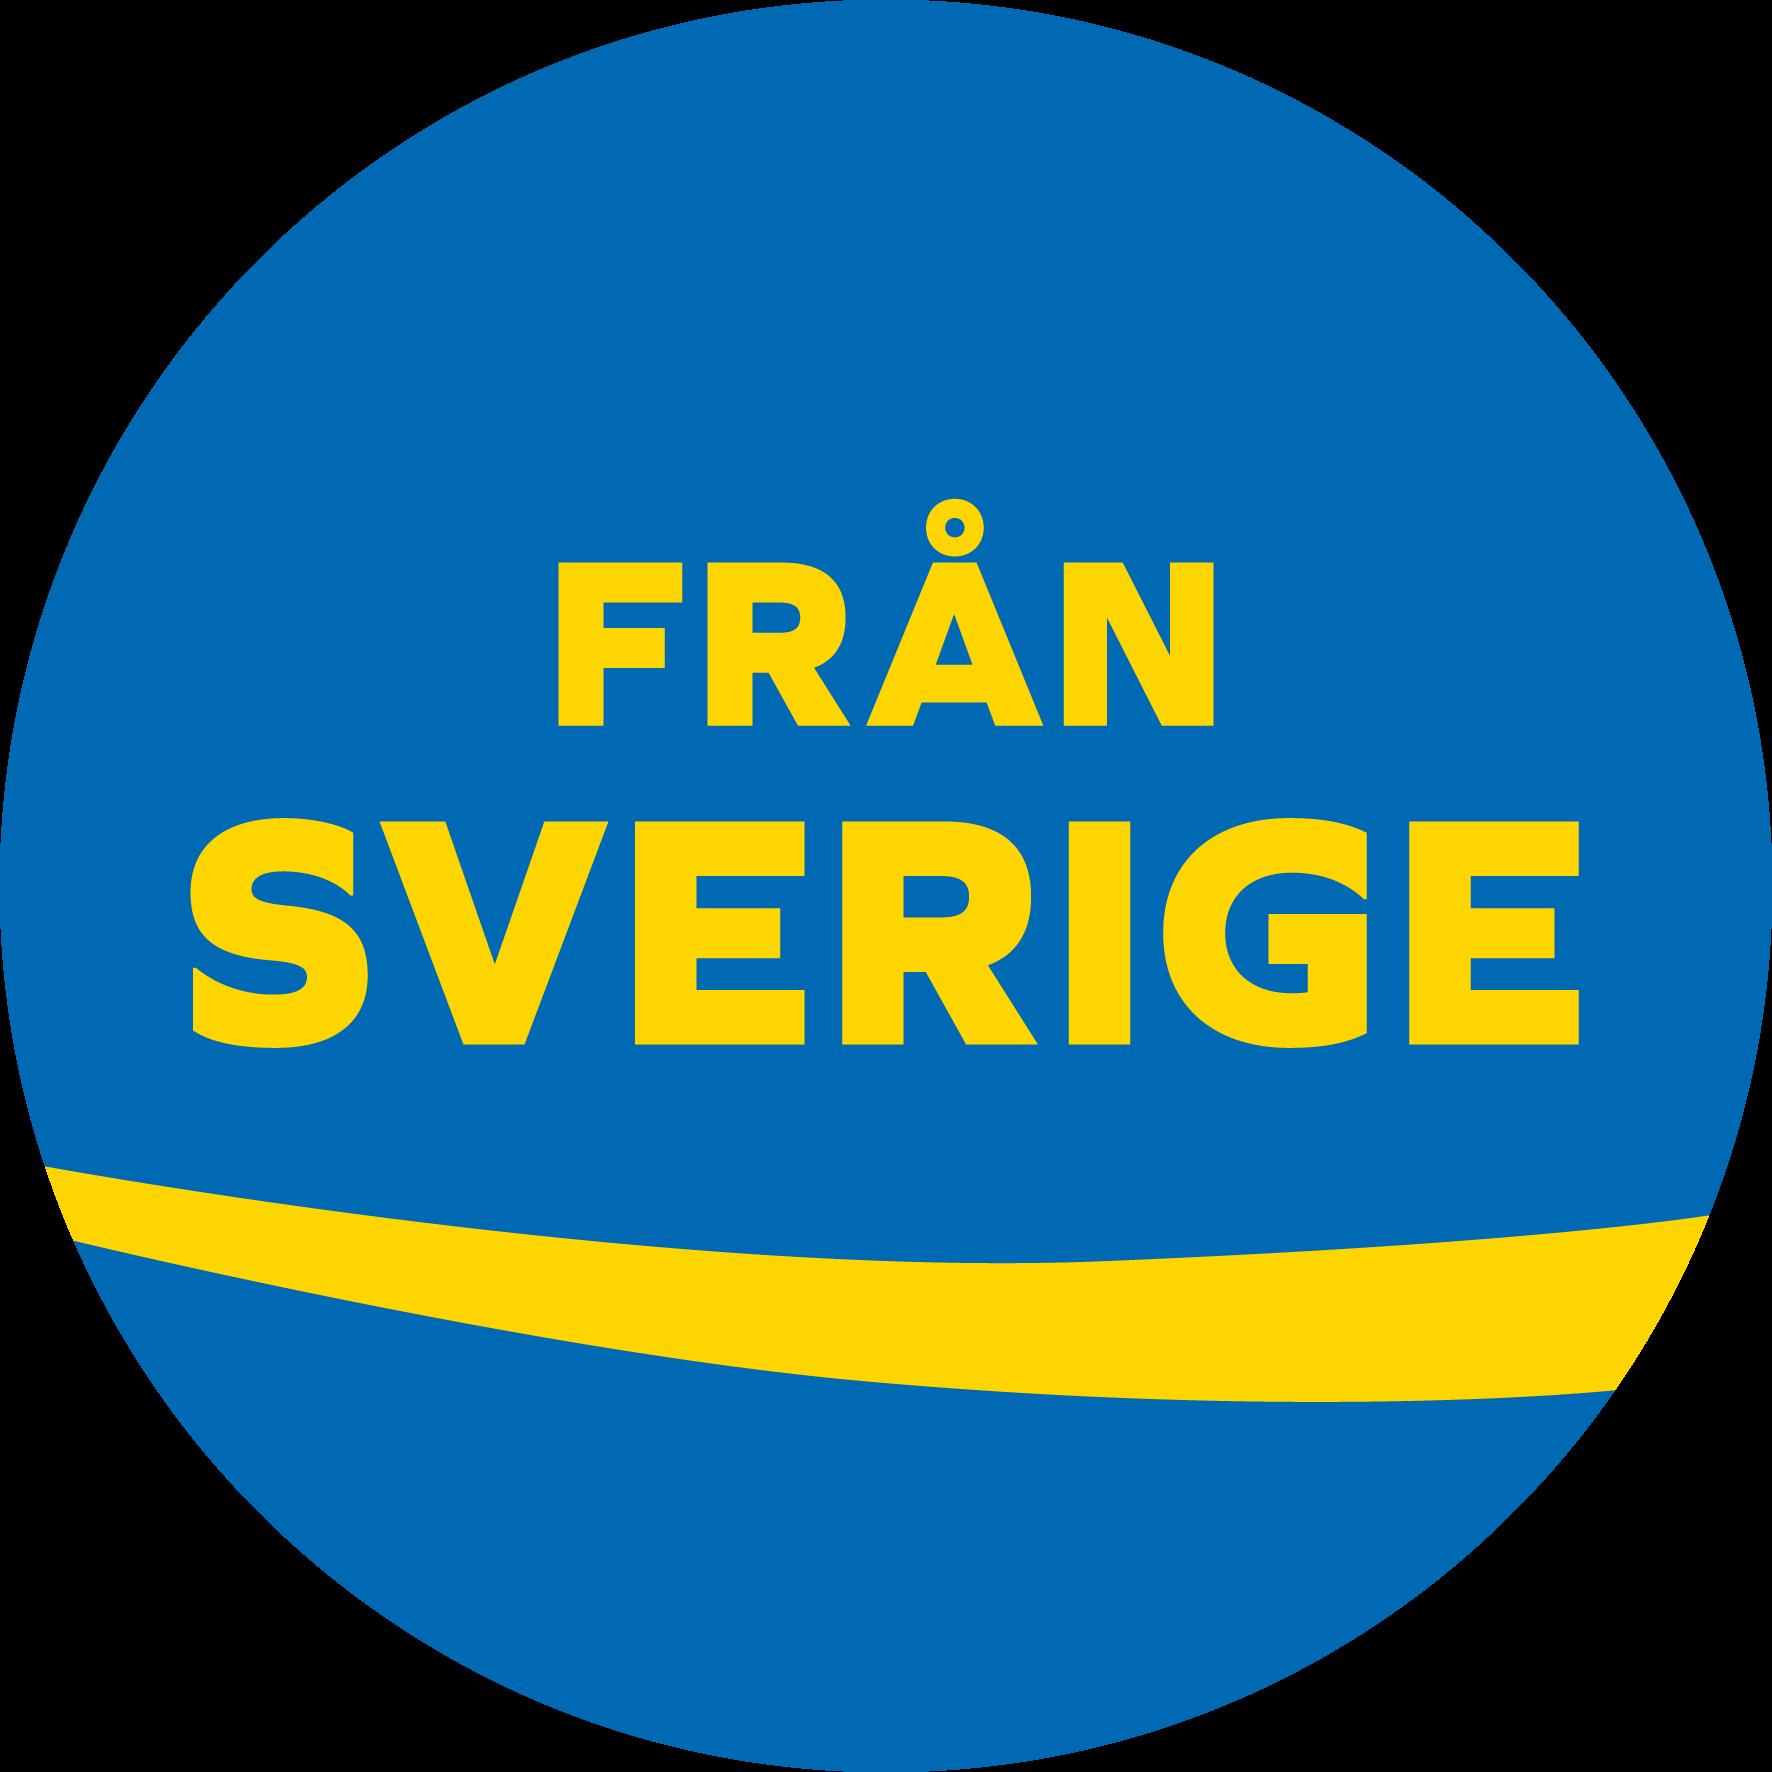 fran_sverige_rgb